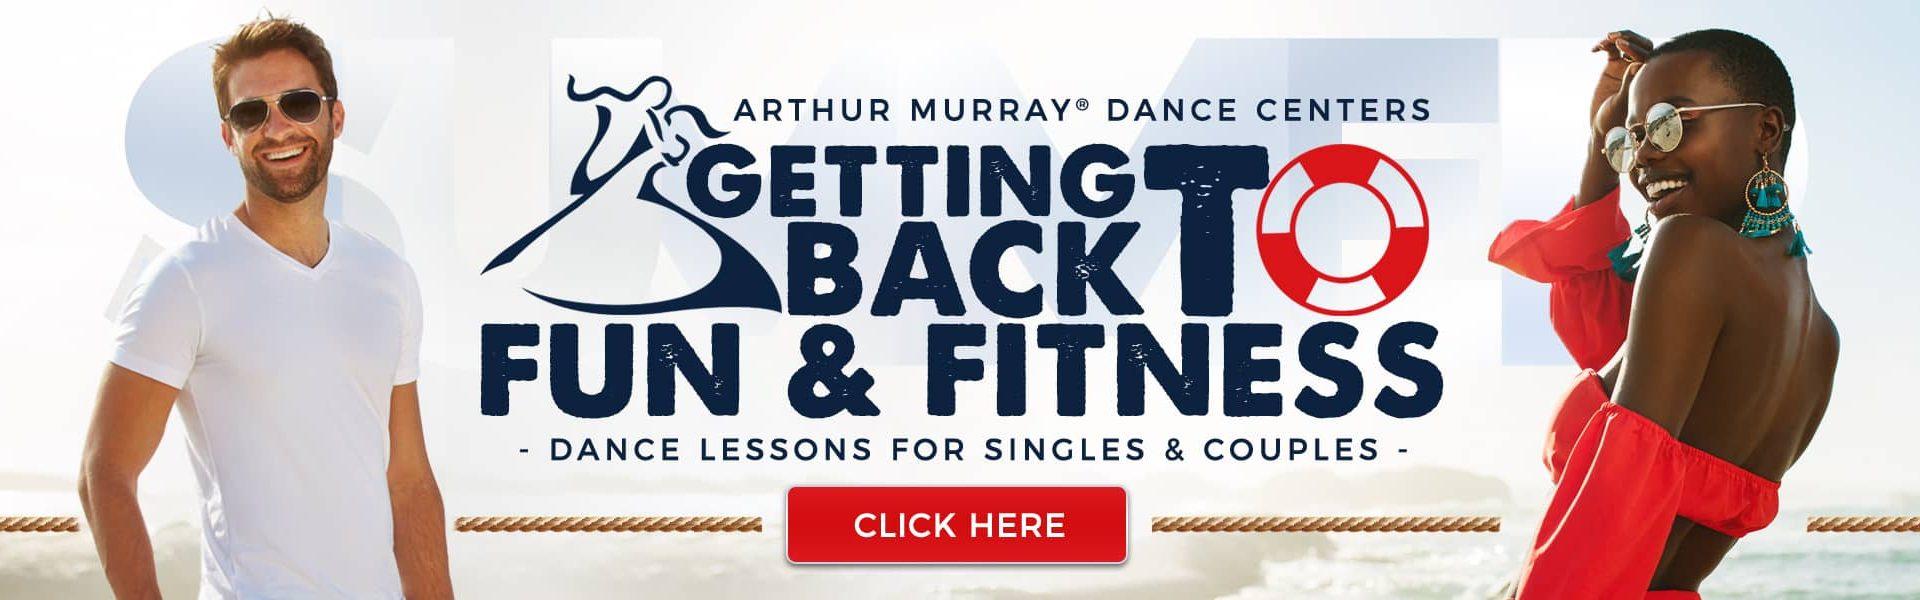 Arthur Murray Summerville